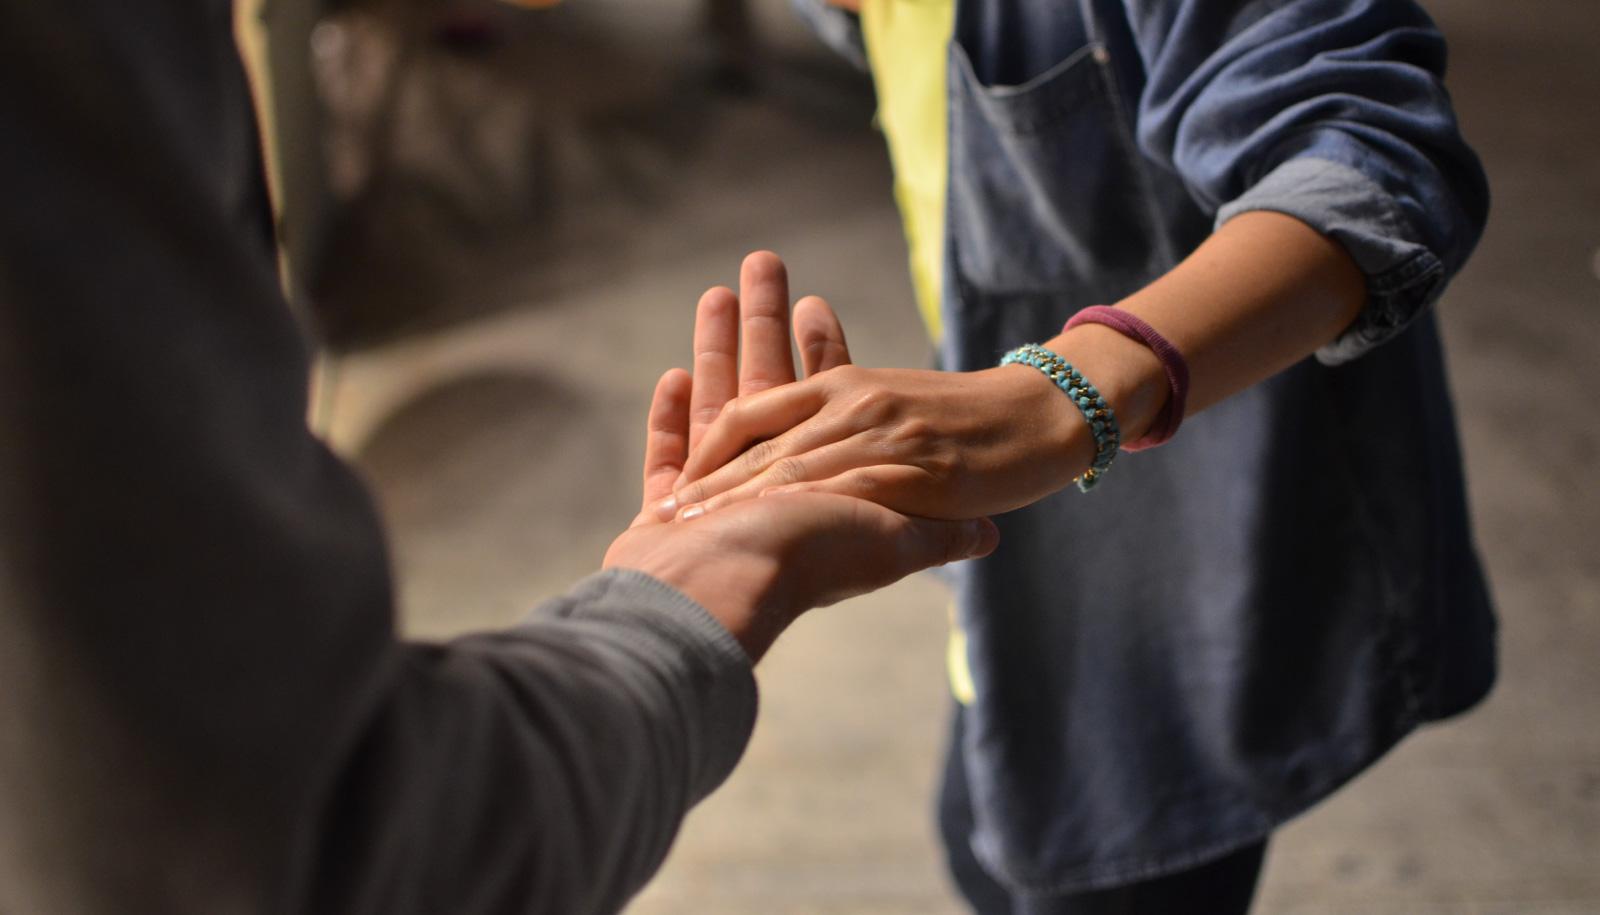 Cómo ayudar a alguien con trastorno adictivo